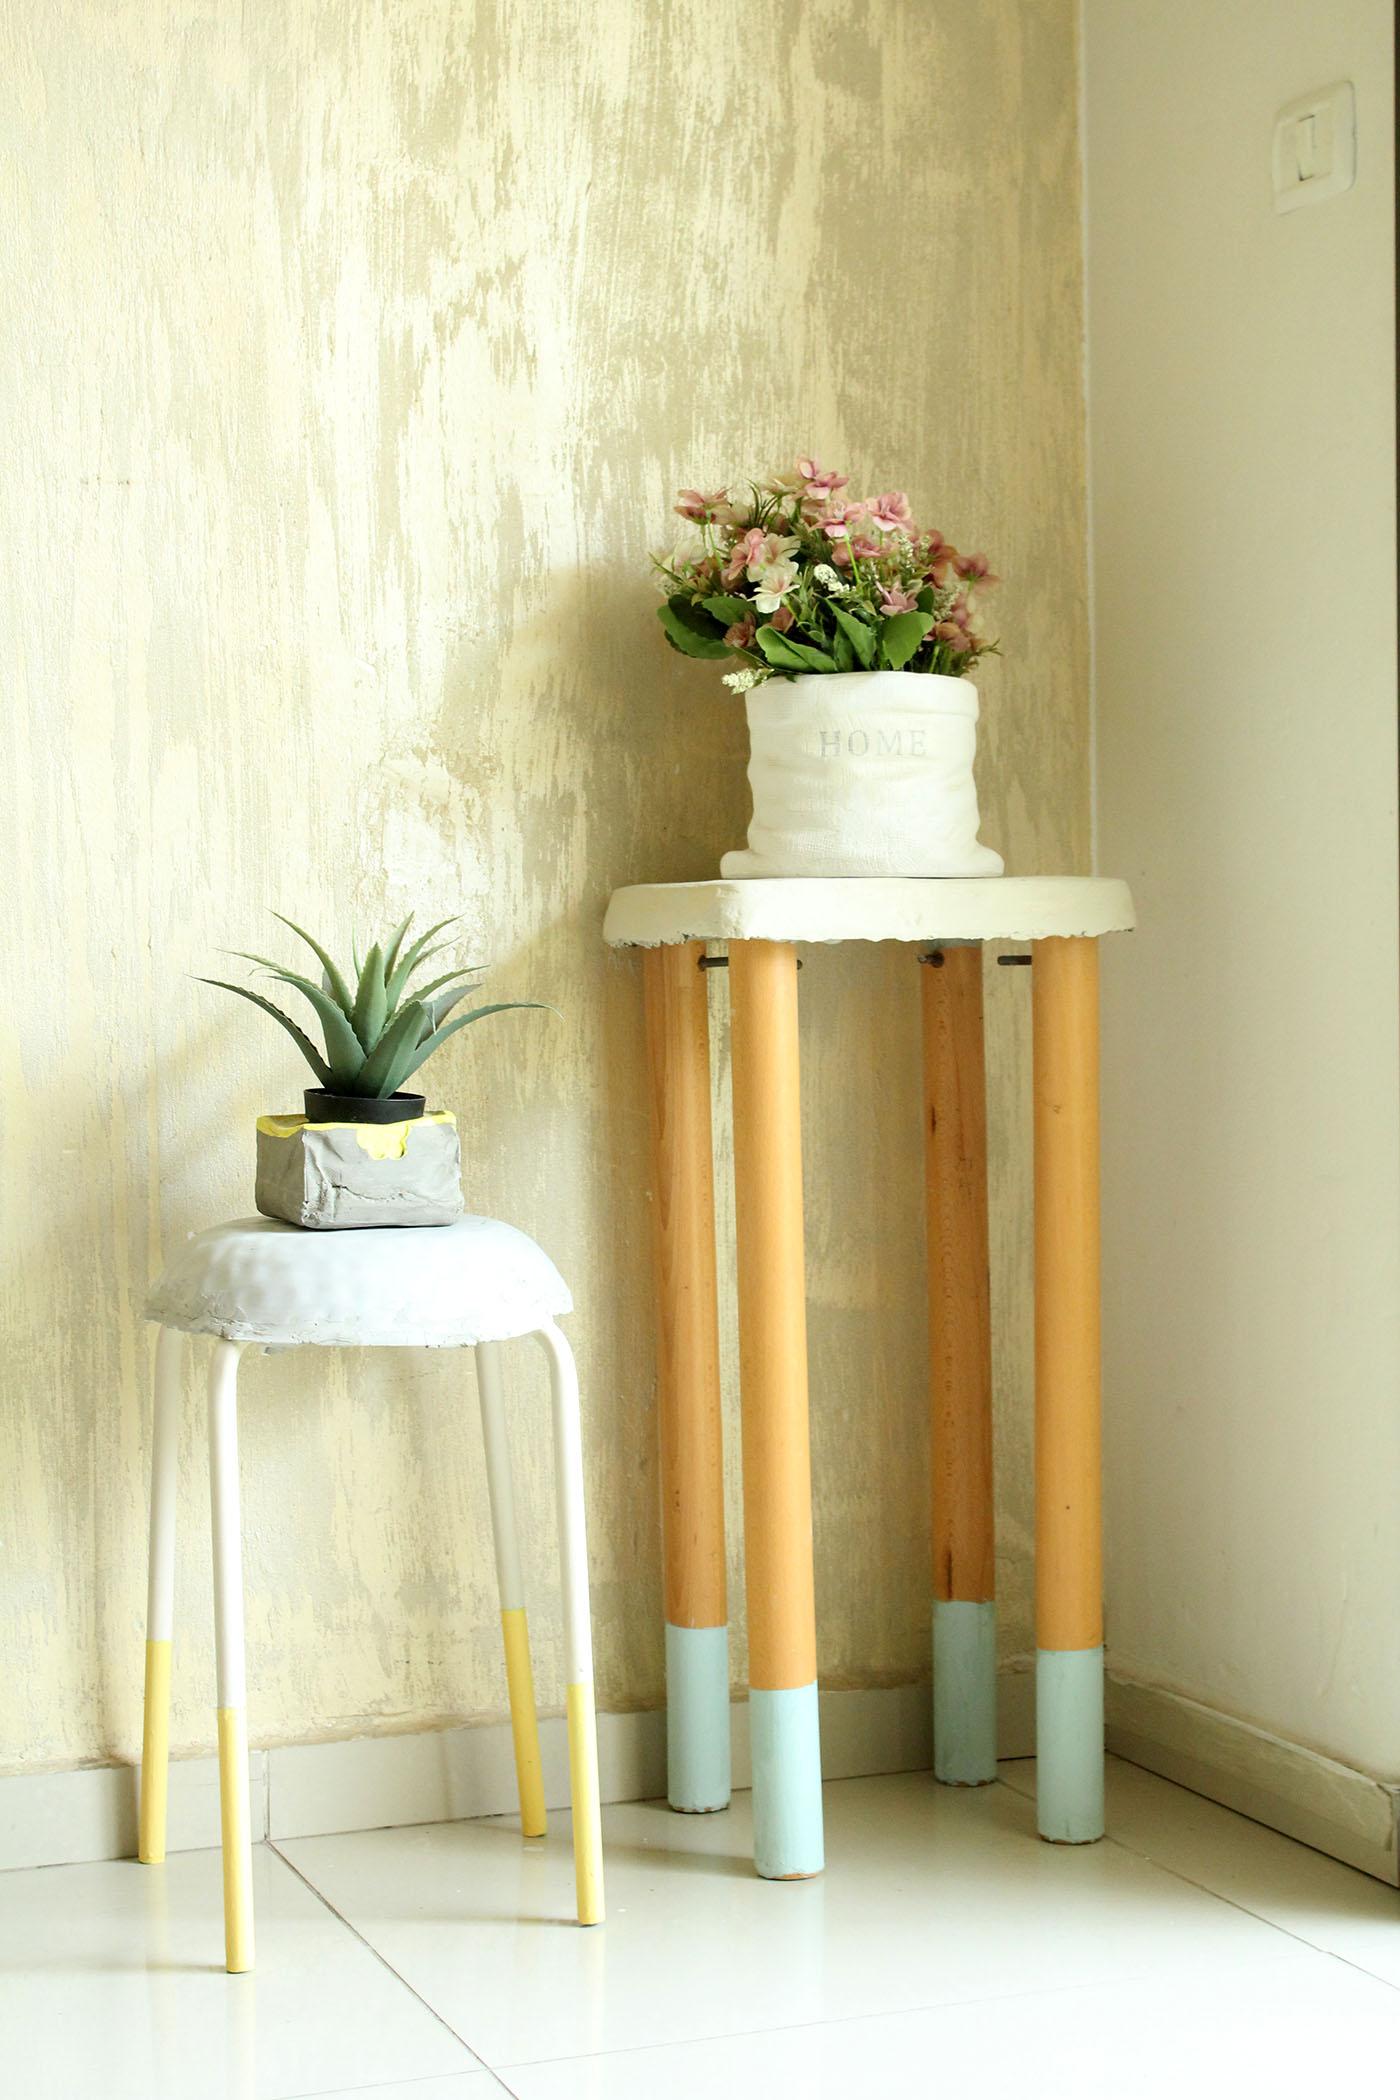 IMG 8978 - רהיטים קטנים ממלט